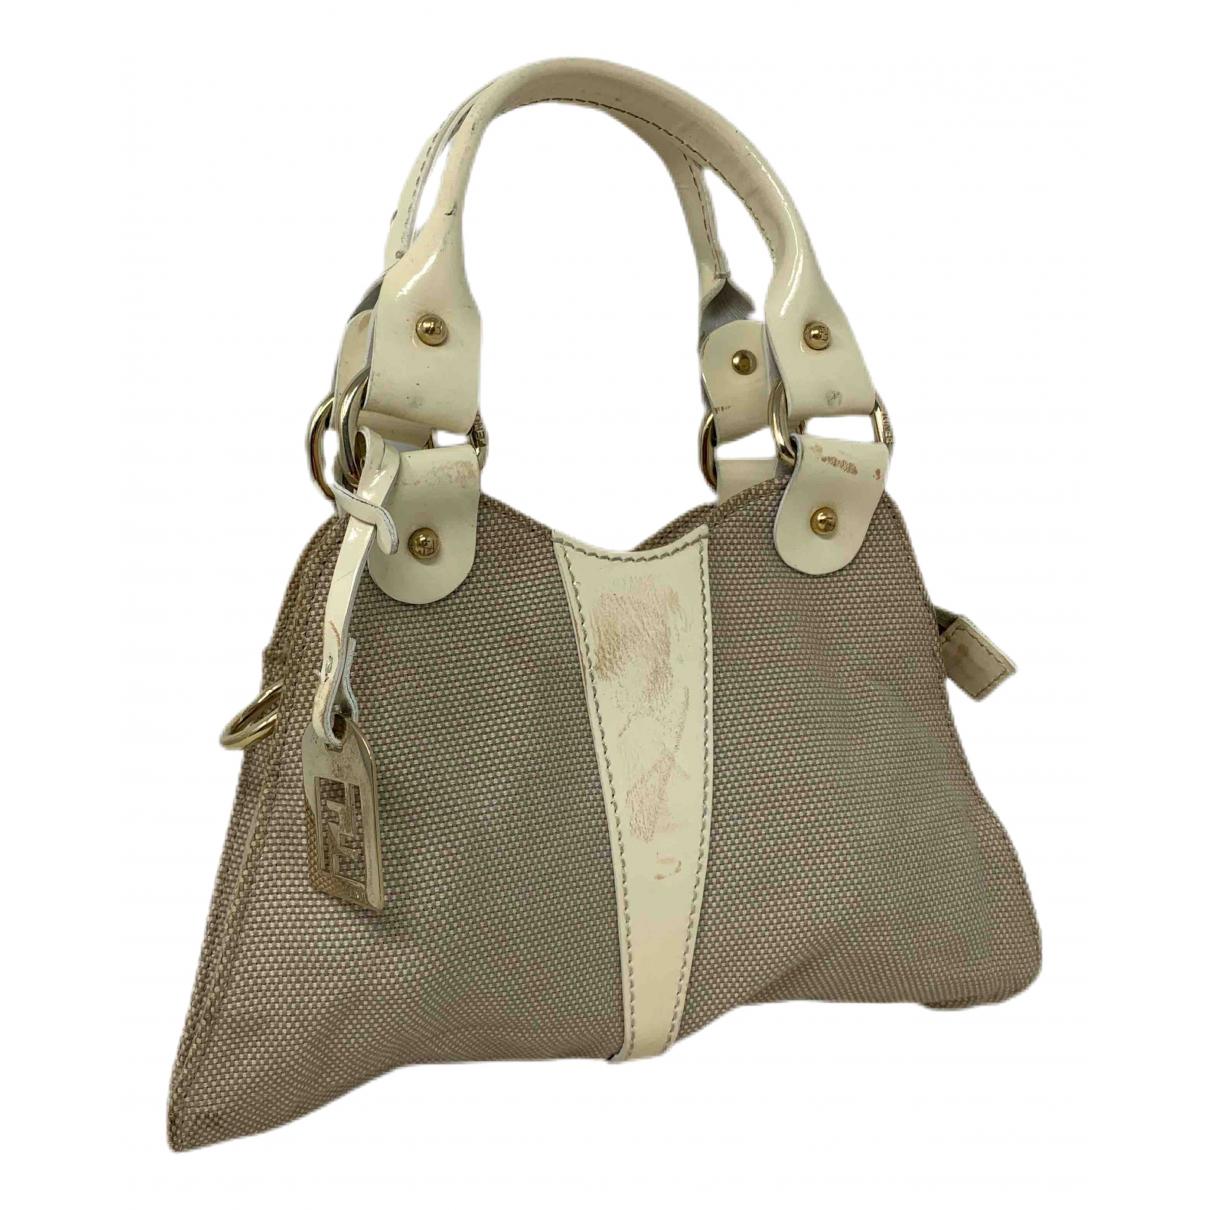 Fendi \N Handtasche in  Beige Leinen